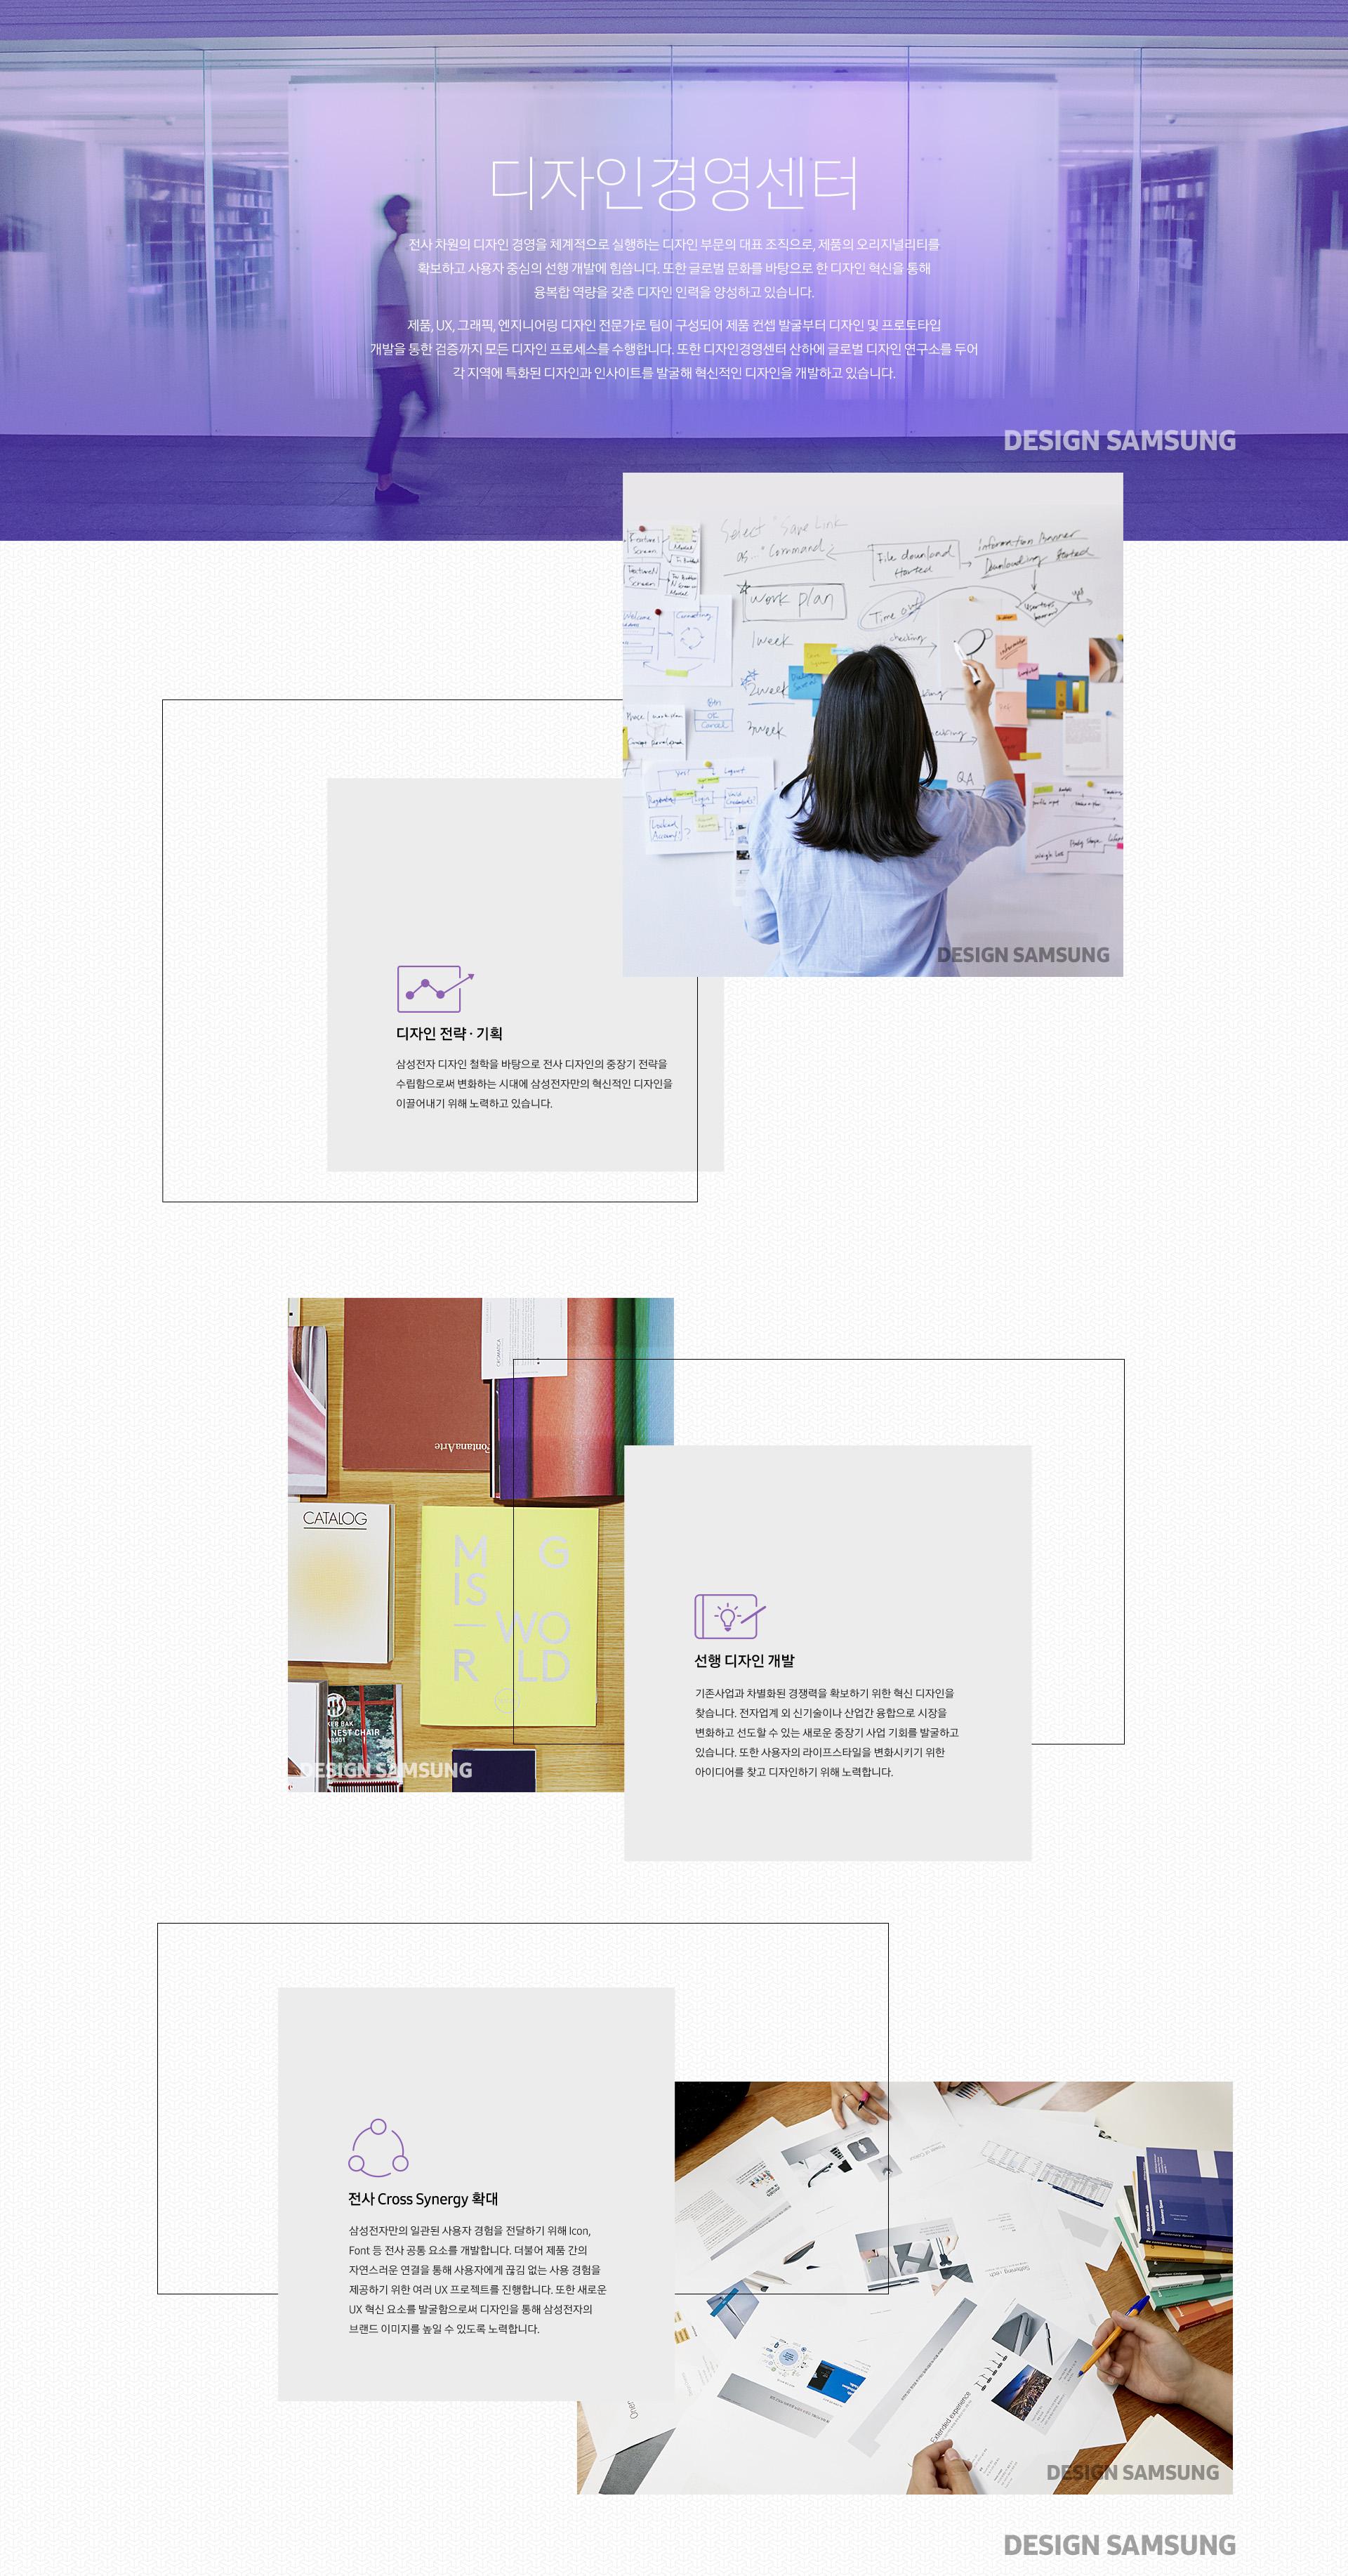 디자인경영센터]  전사 차원의 디자인 경영을 체계적으로 실행하는 디자인 부문의 대표 조직으로, 제품의 오리지널리티를 확보하고 사용자 중심의 선행 개발에 힘씁니다. 또한 글로벌 문화를 바탕으로 한 디자인 혁신을 통해 융복합 역량을 갖춘 디자인 인력을 양성하고 있습니다.  제품, UX, 그래픽, 엔지니어링 디자인 전문가로 팀이 구성되어 제품 컨셉 발굴부터 디자인 및 프로토타입 개발을 통한 검증까지 모든 디자인 프로세스를 수행합니다. 또한 디자인경영센터 산하에 글로벌 디자인 연구소를 두어 각 지역에 특화된 디자인과 인사이트를 발굴해 혁신적인 디자인을 개발하고 있습니다.    디자인 전략 ∙ 기획  삼성전자 디자인 철학을 바탕으로 전사 디자인의 중장기 전략을 수립함으로써 변화하는 시대에 삼성전자만의 혁신적인 디자인을 이끌어내기 위해 노력하고 있습니다.    선행 디자인 개발  기존사업과 차별화된 경쟁력을 확보하기 위한 혁신 디자인을 찾습니다. 전자업계 외 신기술이나 산업간 융합으로 시장을 변화하고 선도할 수 있는 새로운 중장기 사업 기회를 발굴하고 있습니다. 또한 사용자의 라이프스타일을 변화시키기 위한 아이디어를 찾고 디자인하기 위해 노력합니다.    전사 Cross Synergy 확대  삼성전자만의 일관된 사용자 경험을 전달하기 위해 Icon, Font 등 전사 공통 요소를 개발합니다. 더불어 제품 간의 자연스러운 연결을 통해 사용자에게 끊김 없는 사용 경험을 제공하기 위한 여러 UX 프로젝트를 진행합니다. 또한 새로운 UX 혁신 요소를 발굴함으로써 디자인을 통해 삼성전자의 브랜드 이미지를 높일 수 있도록 노력합니다.